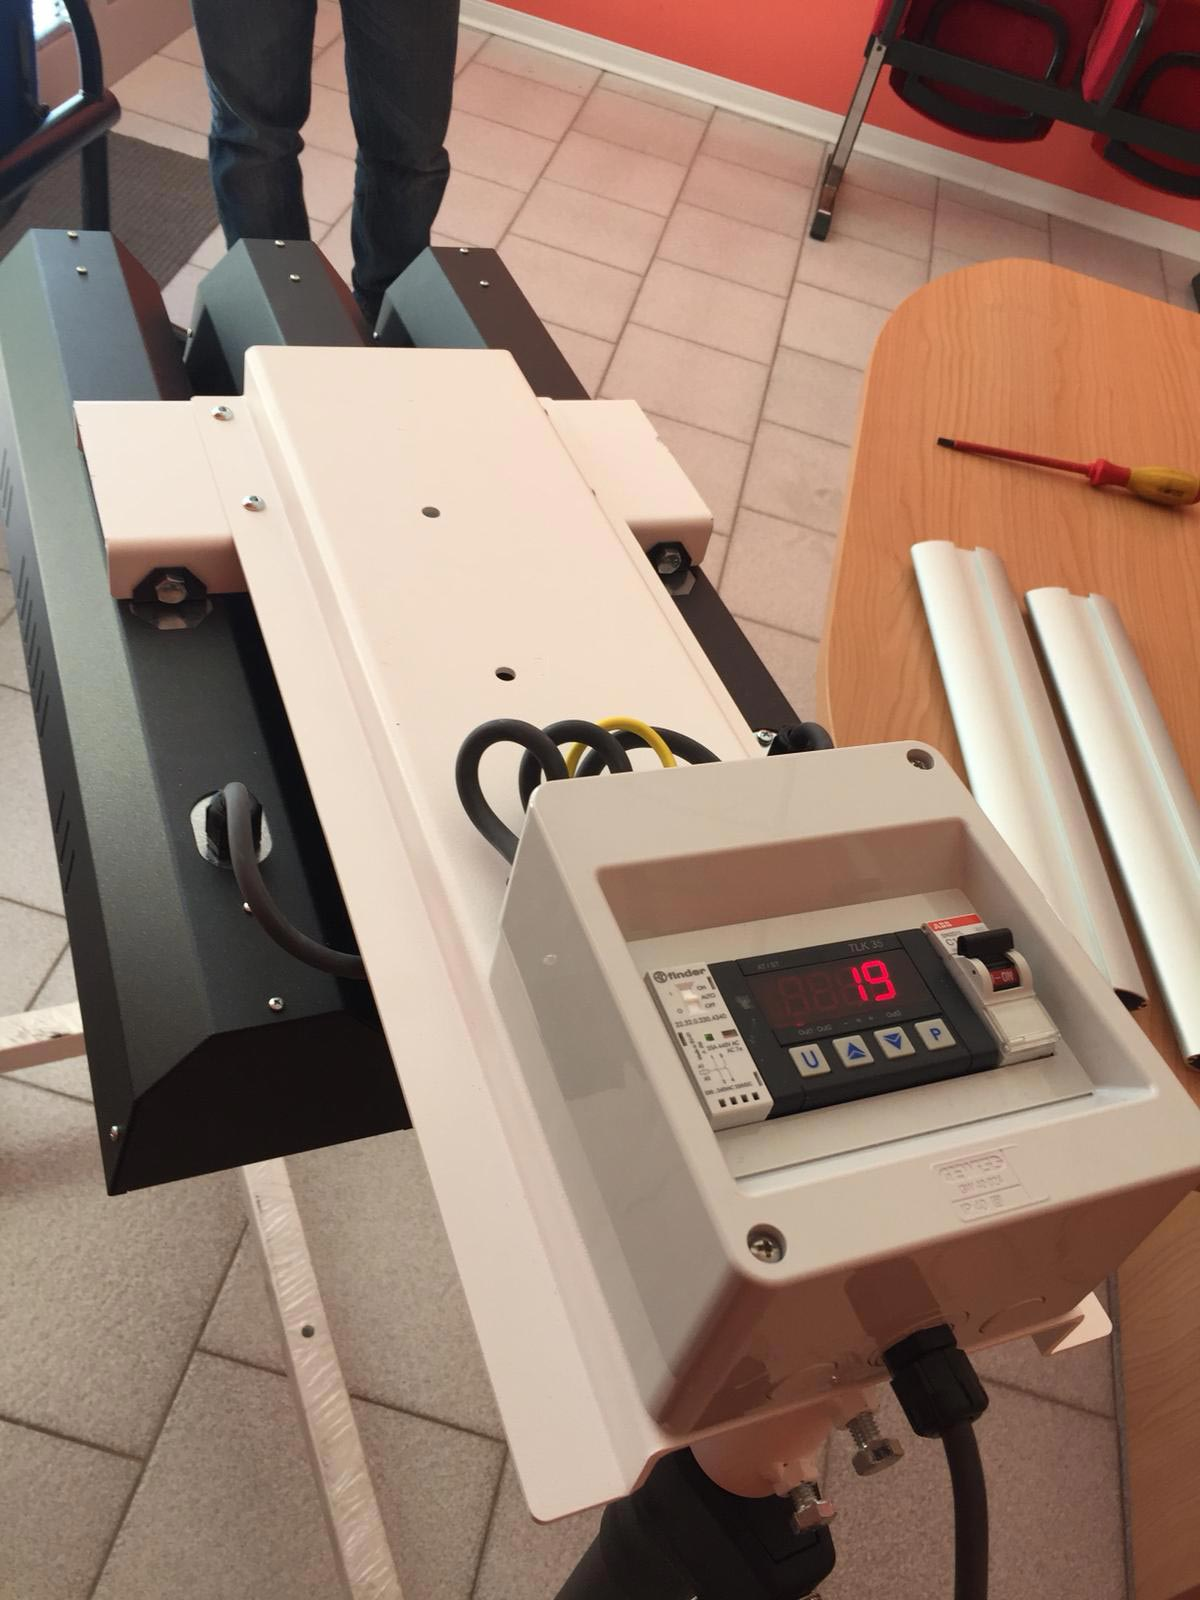 Cappa flash per serigrafia con riscaldatori a raggi infrarossi.